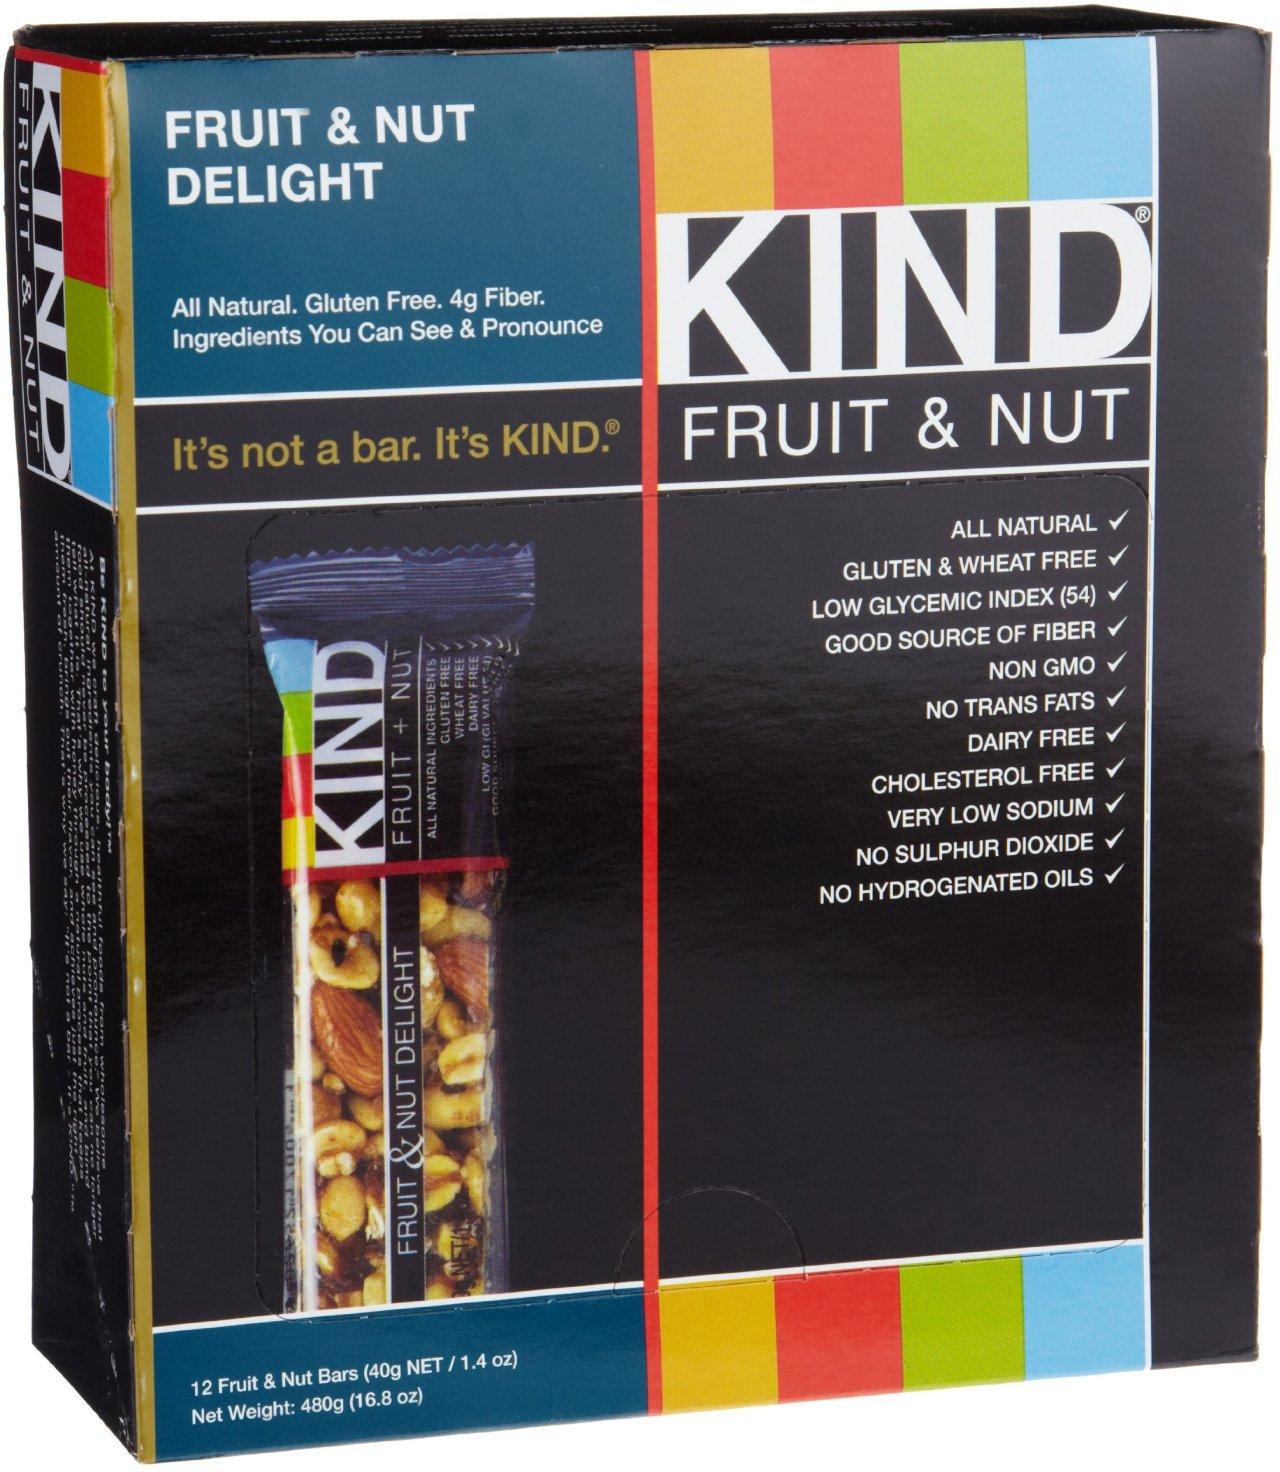 Kind Fruit & Nut, 12 ea, Fruit & Nut Delight by KIND